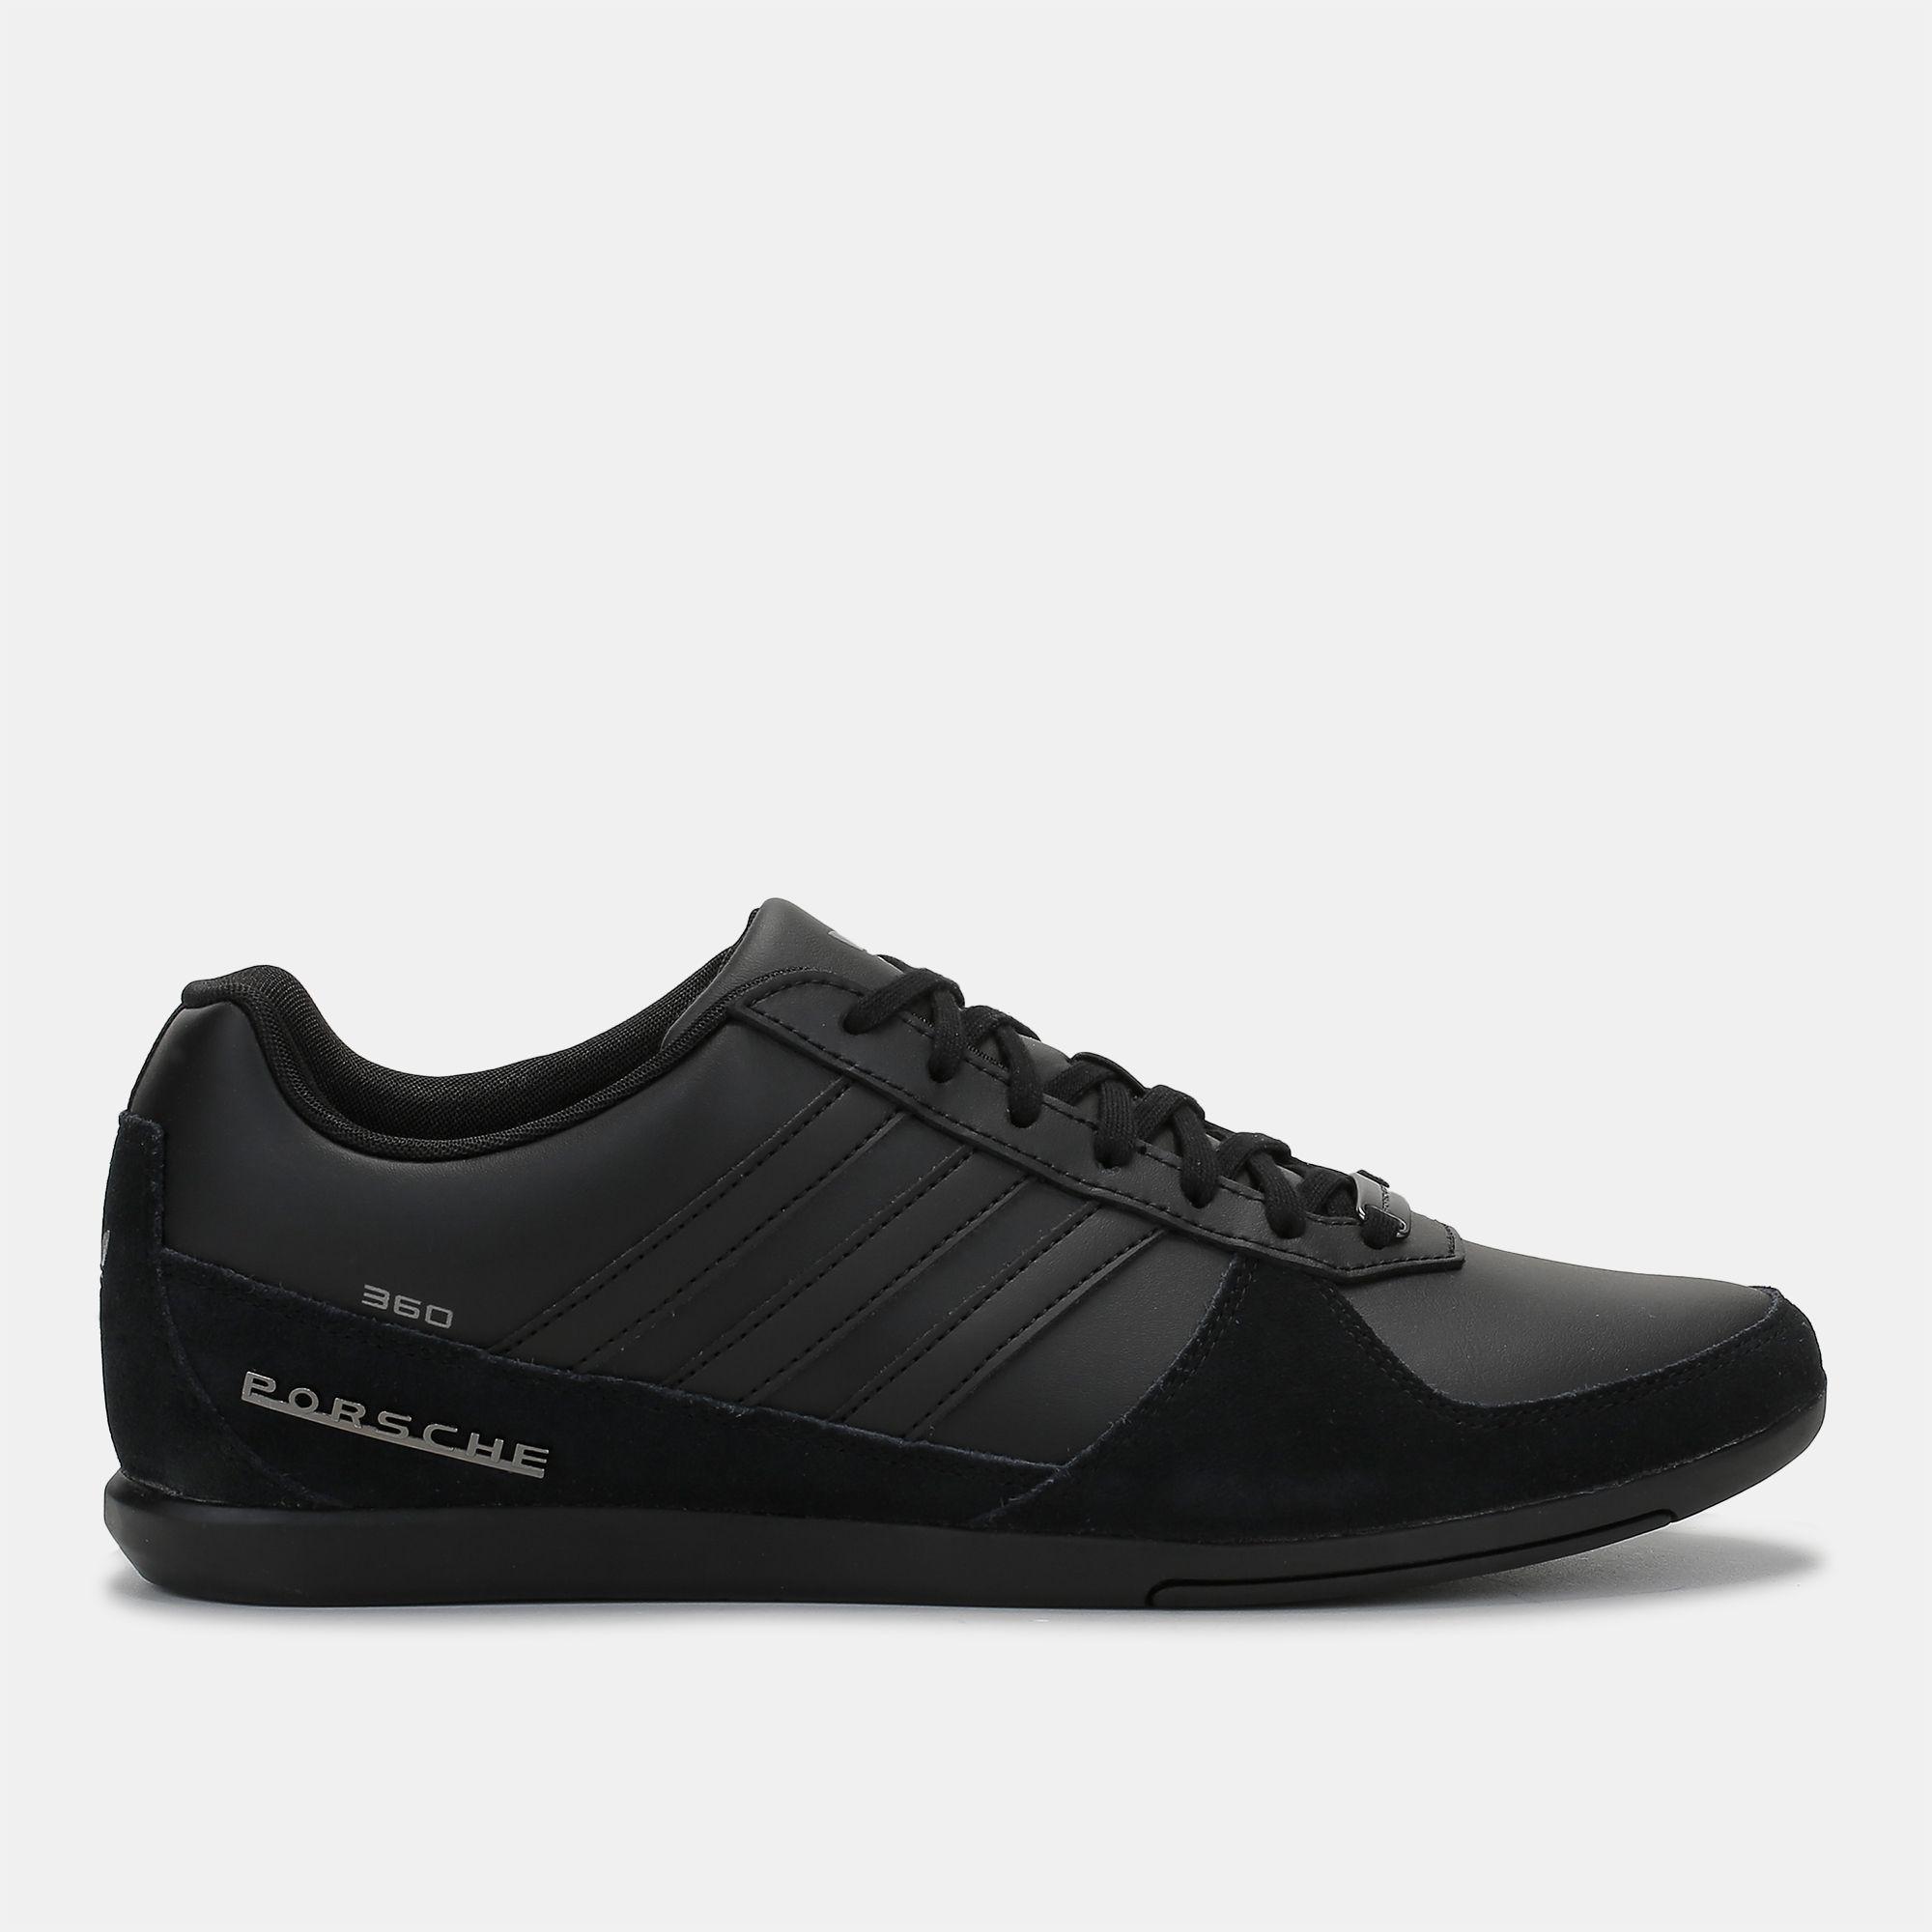 Adidas Originals Porsche 360 zapatillas zapatos de los hombres zapatos